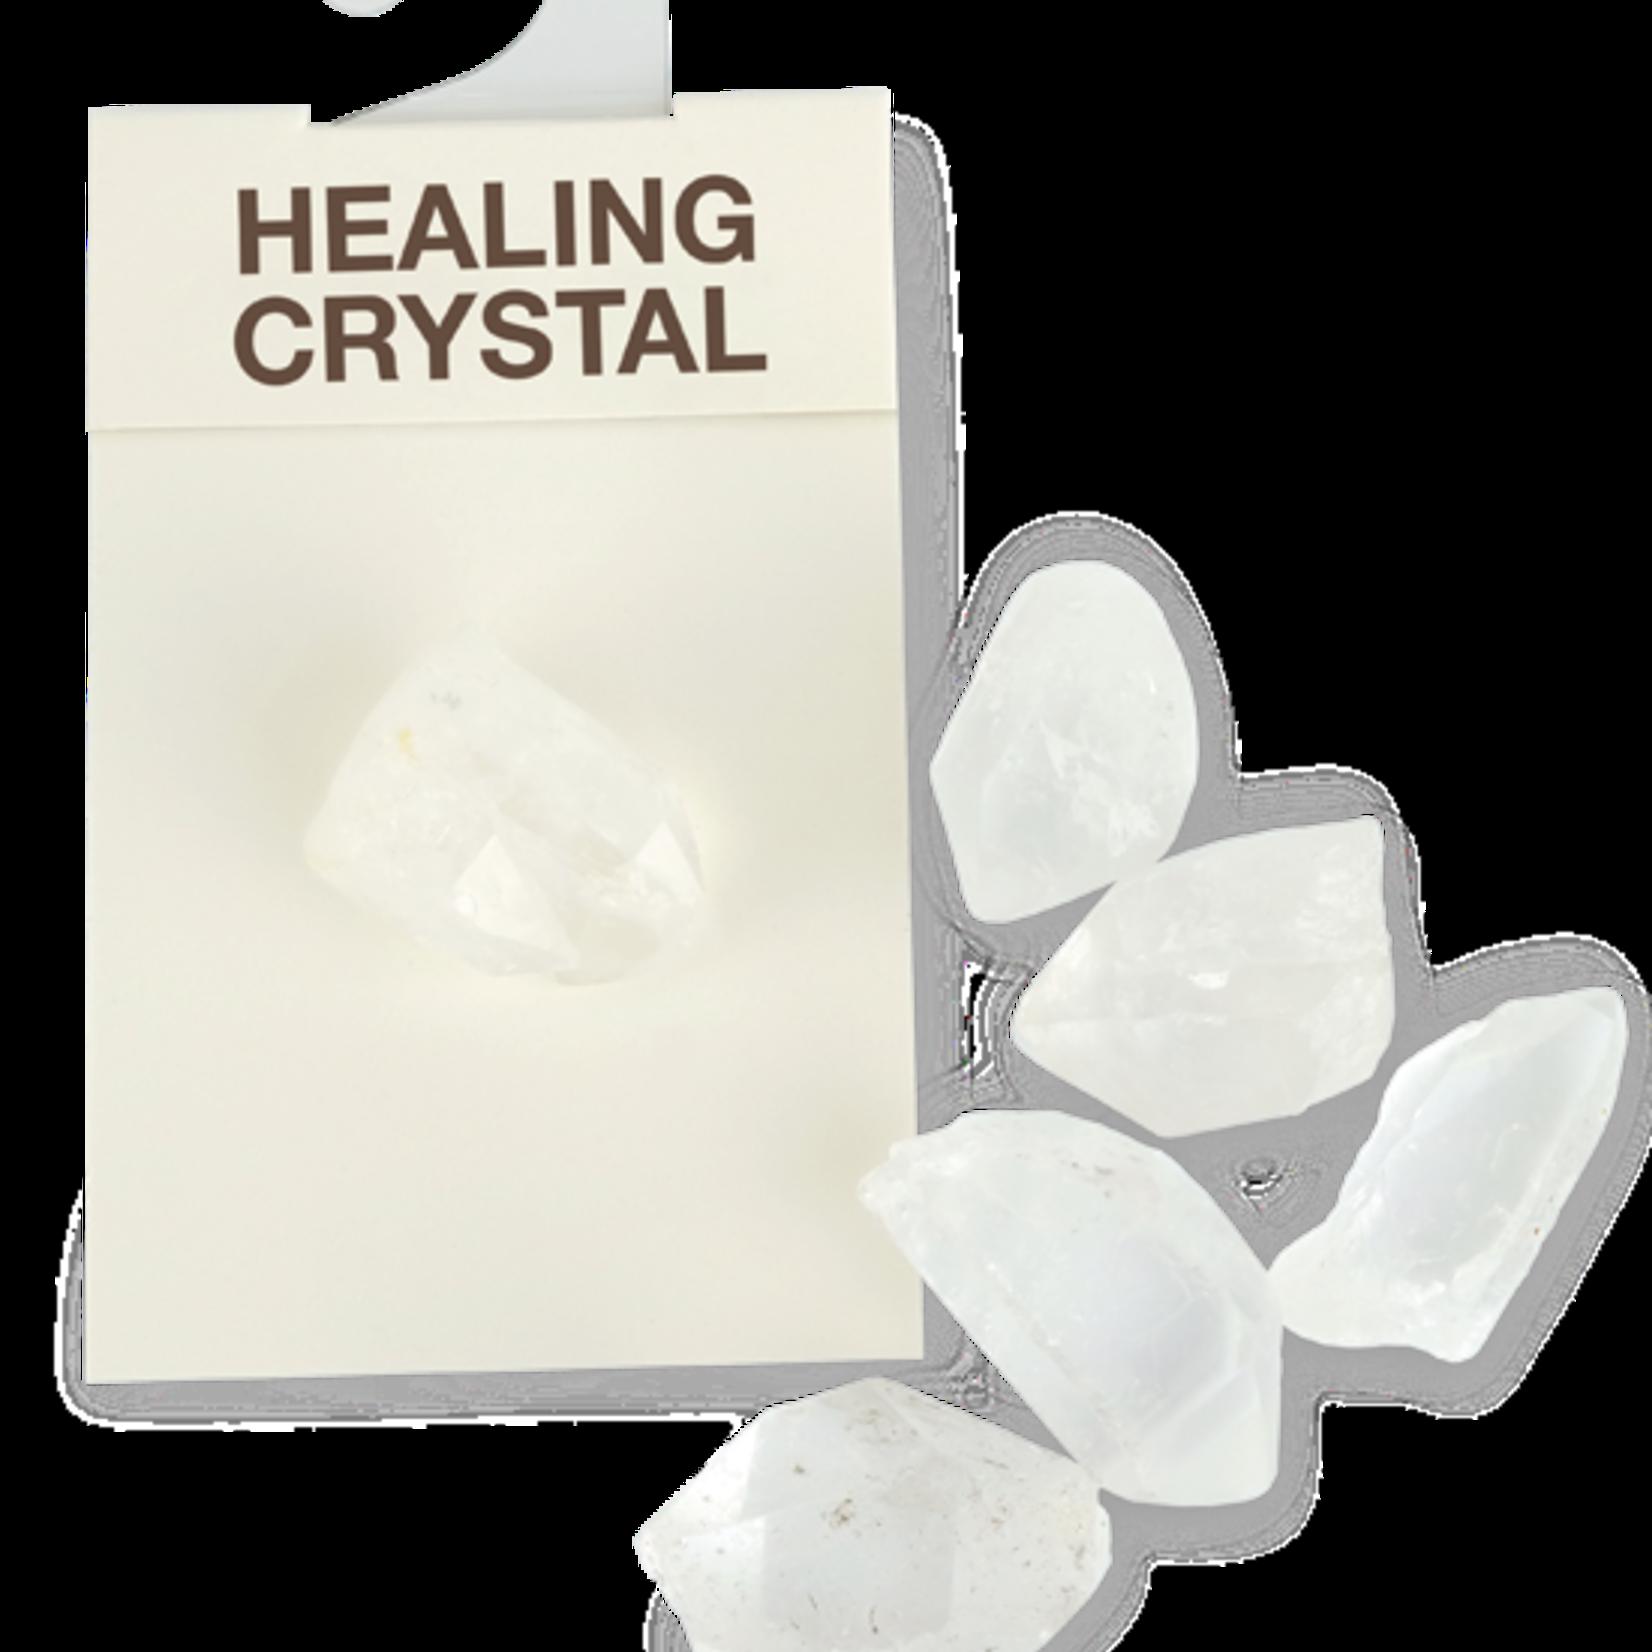 Healing Crystal (Quartz)